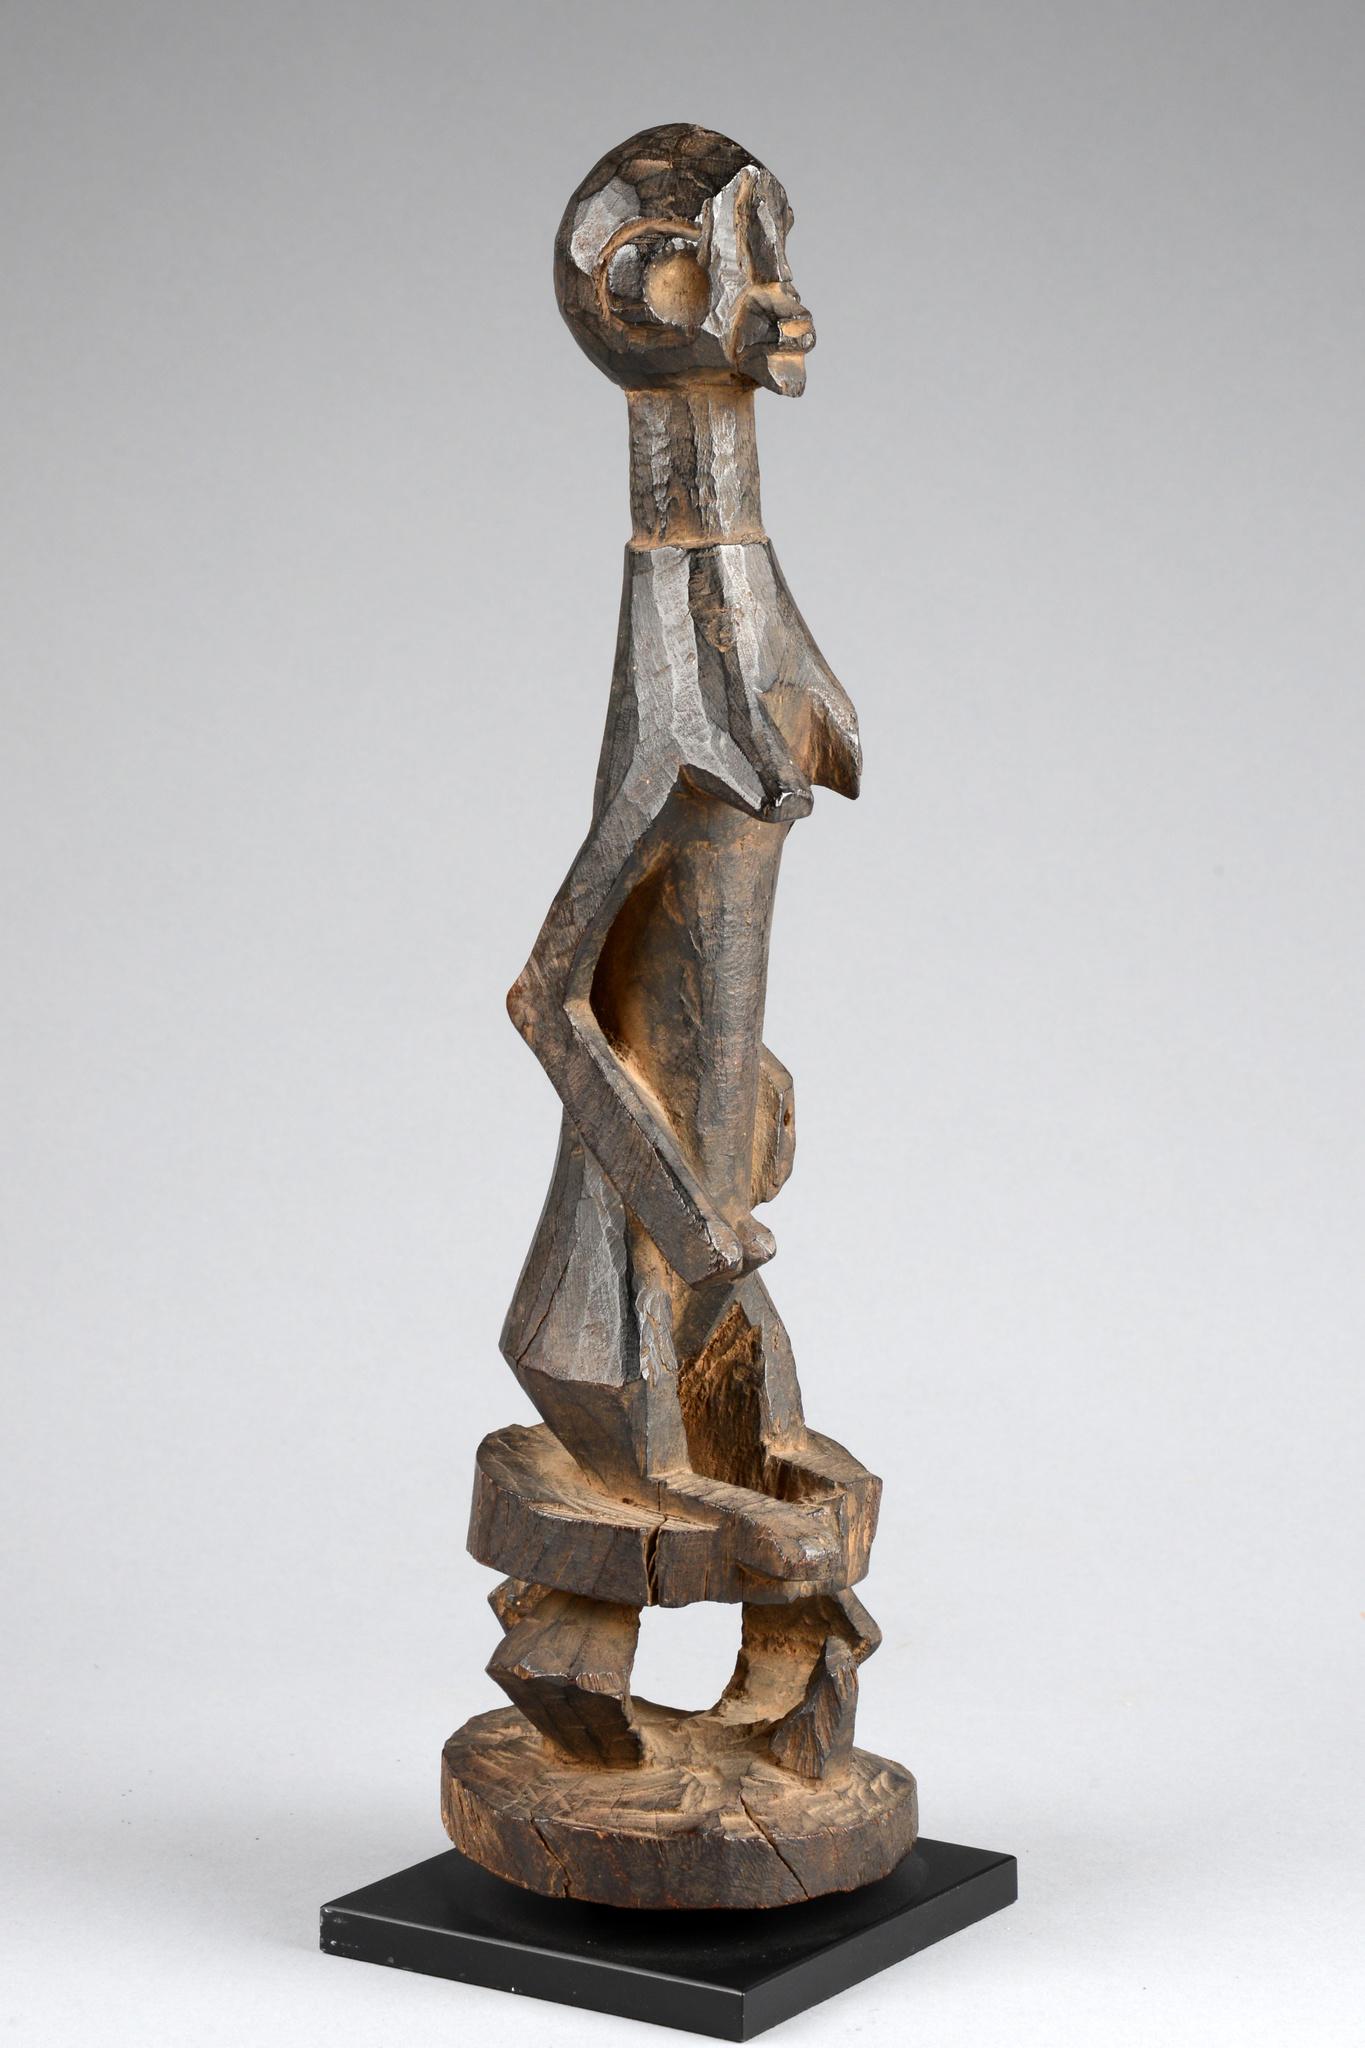 Stehende weibliche Figur auf Hocker